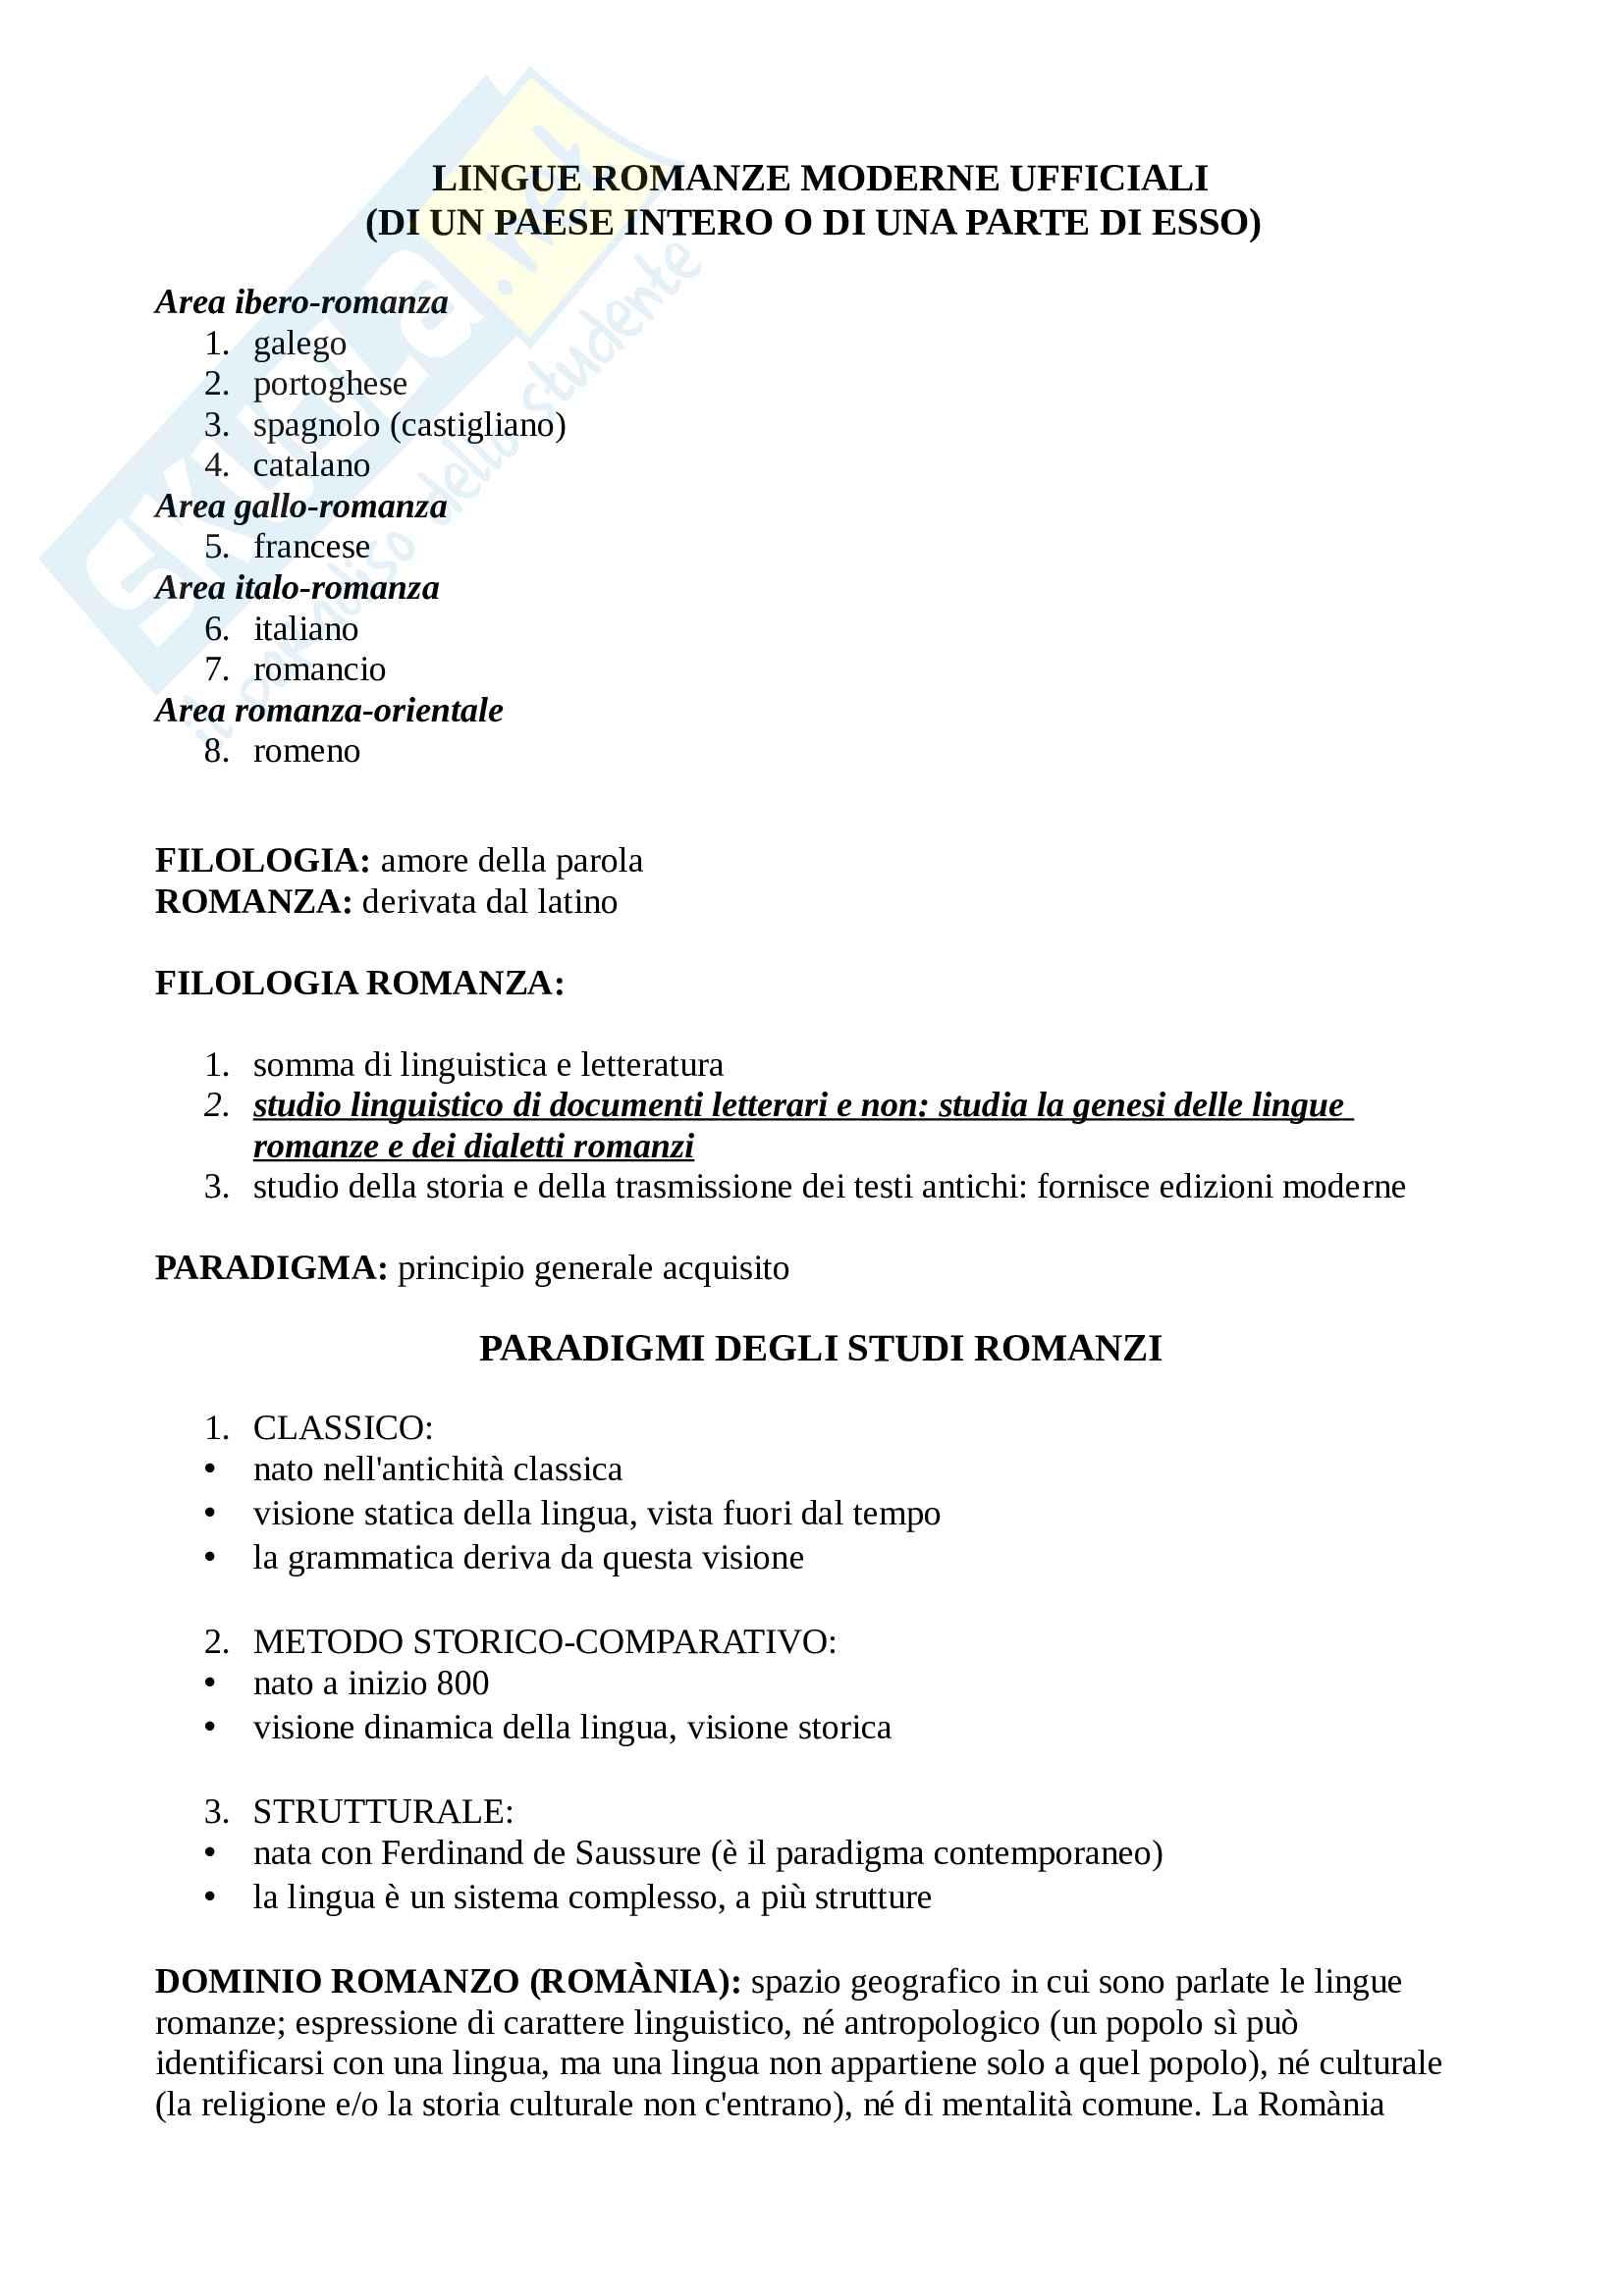 Riassunto esame filologia romanza, prof Peron, libro consigliato Manuale di Linguistica e Filologia Romanza, Renzi, Andreose